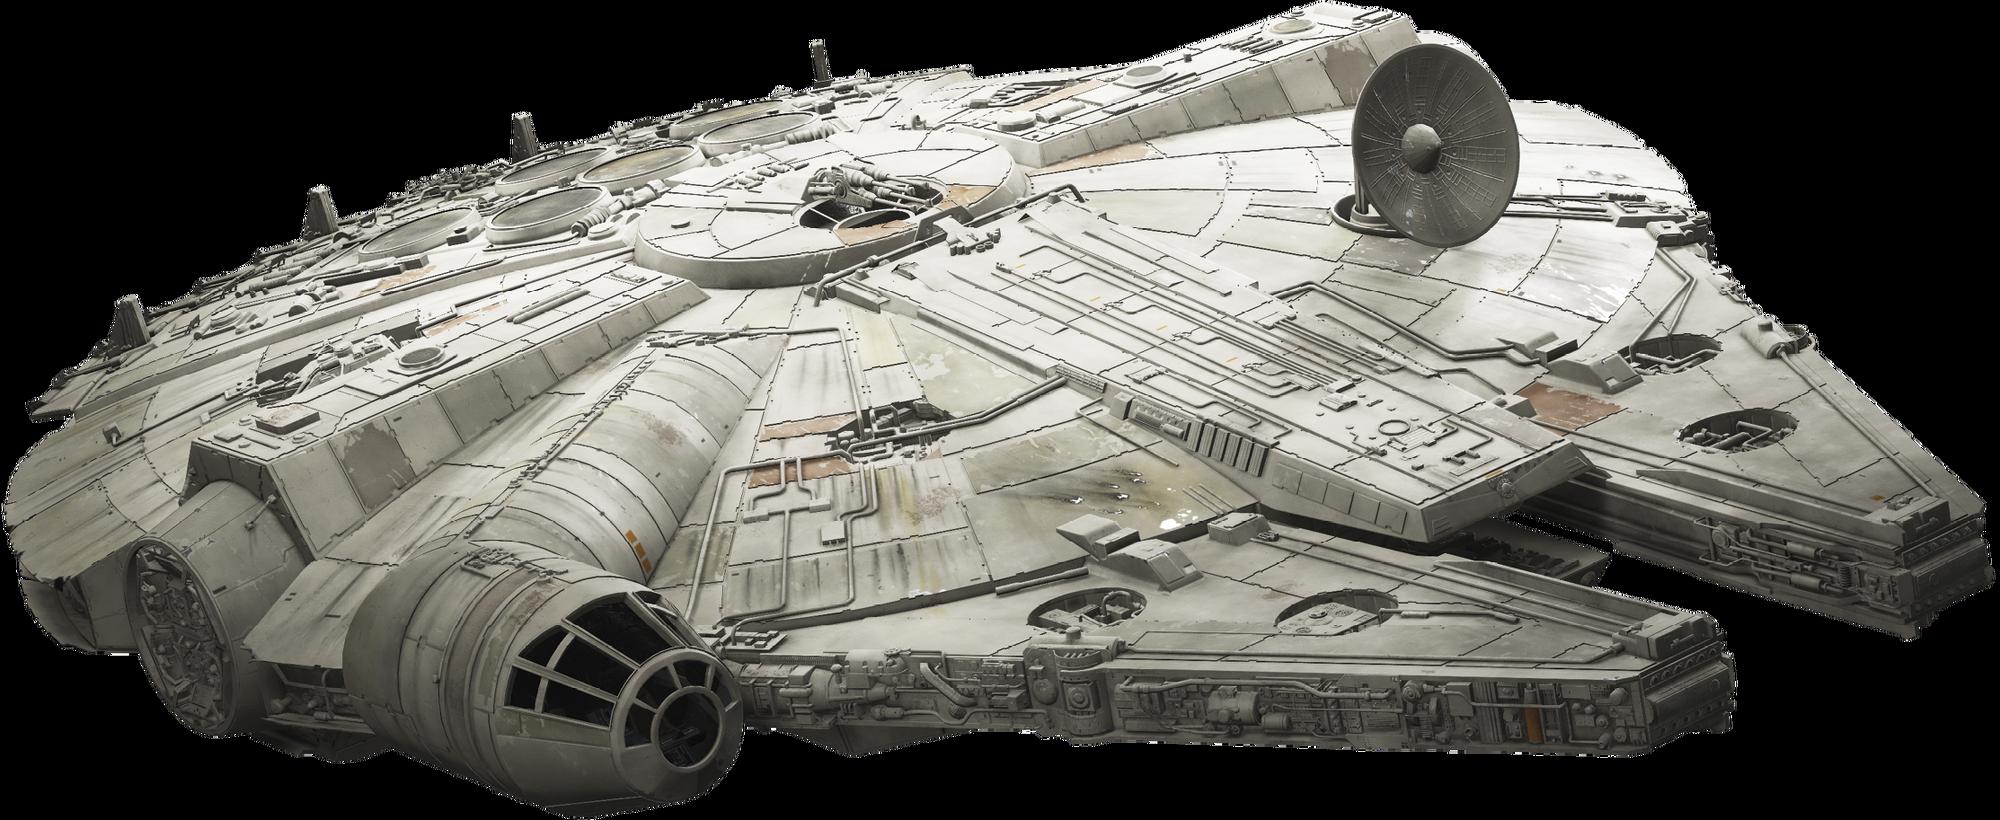 Millennium Falcon Dice Star Wars Battlefront Wiki